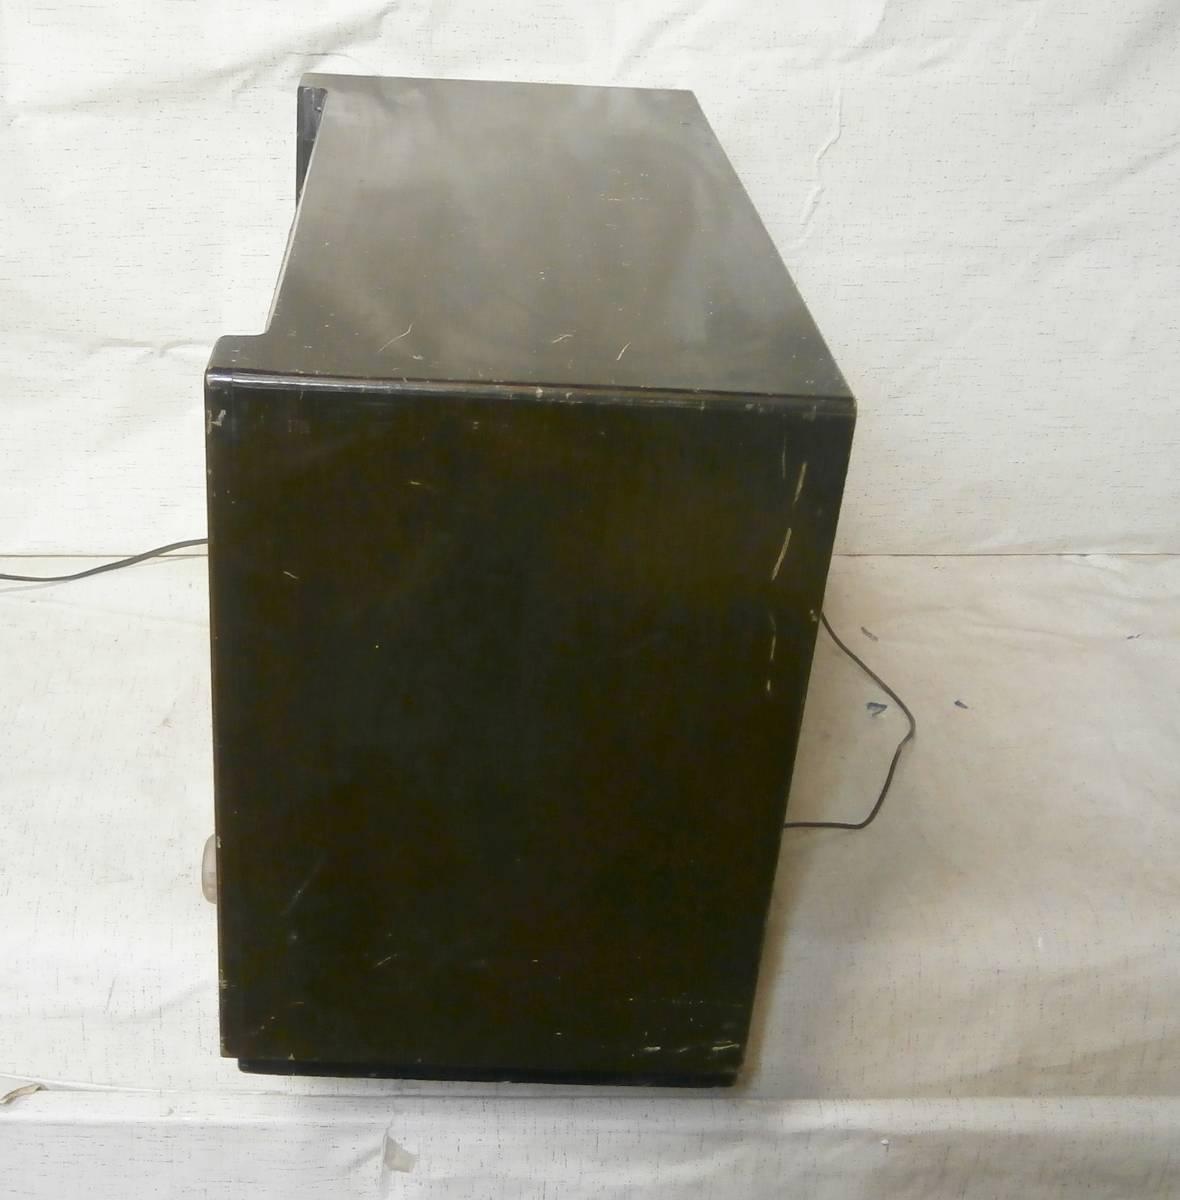 ハーモニー (薄井木工製作所) SW/MW 真空管ラジオ 6球 マジックアイ付 3連バリコン ジャンク_画像2